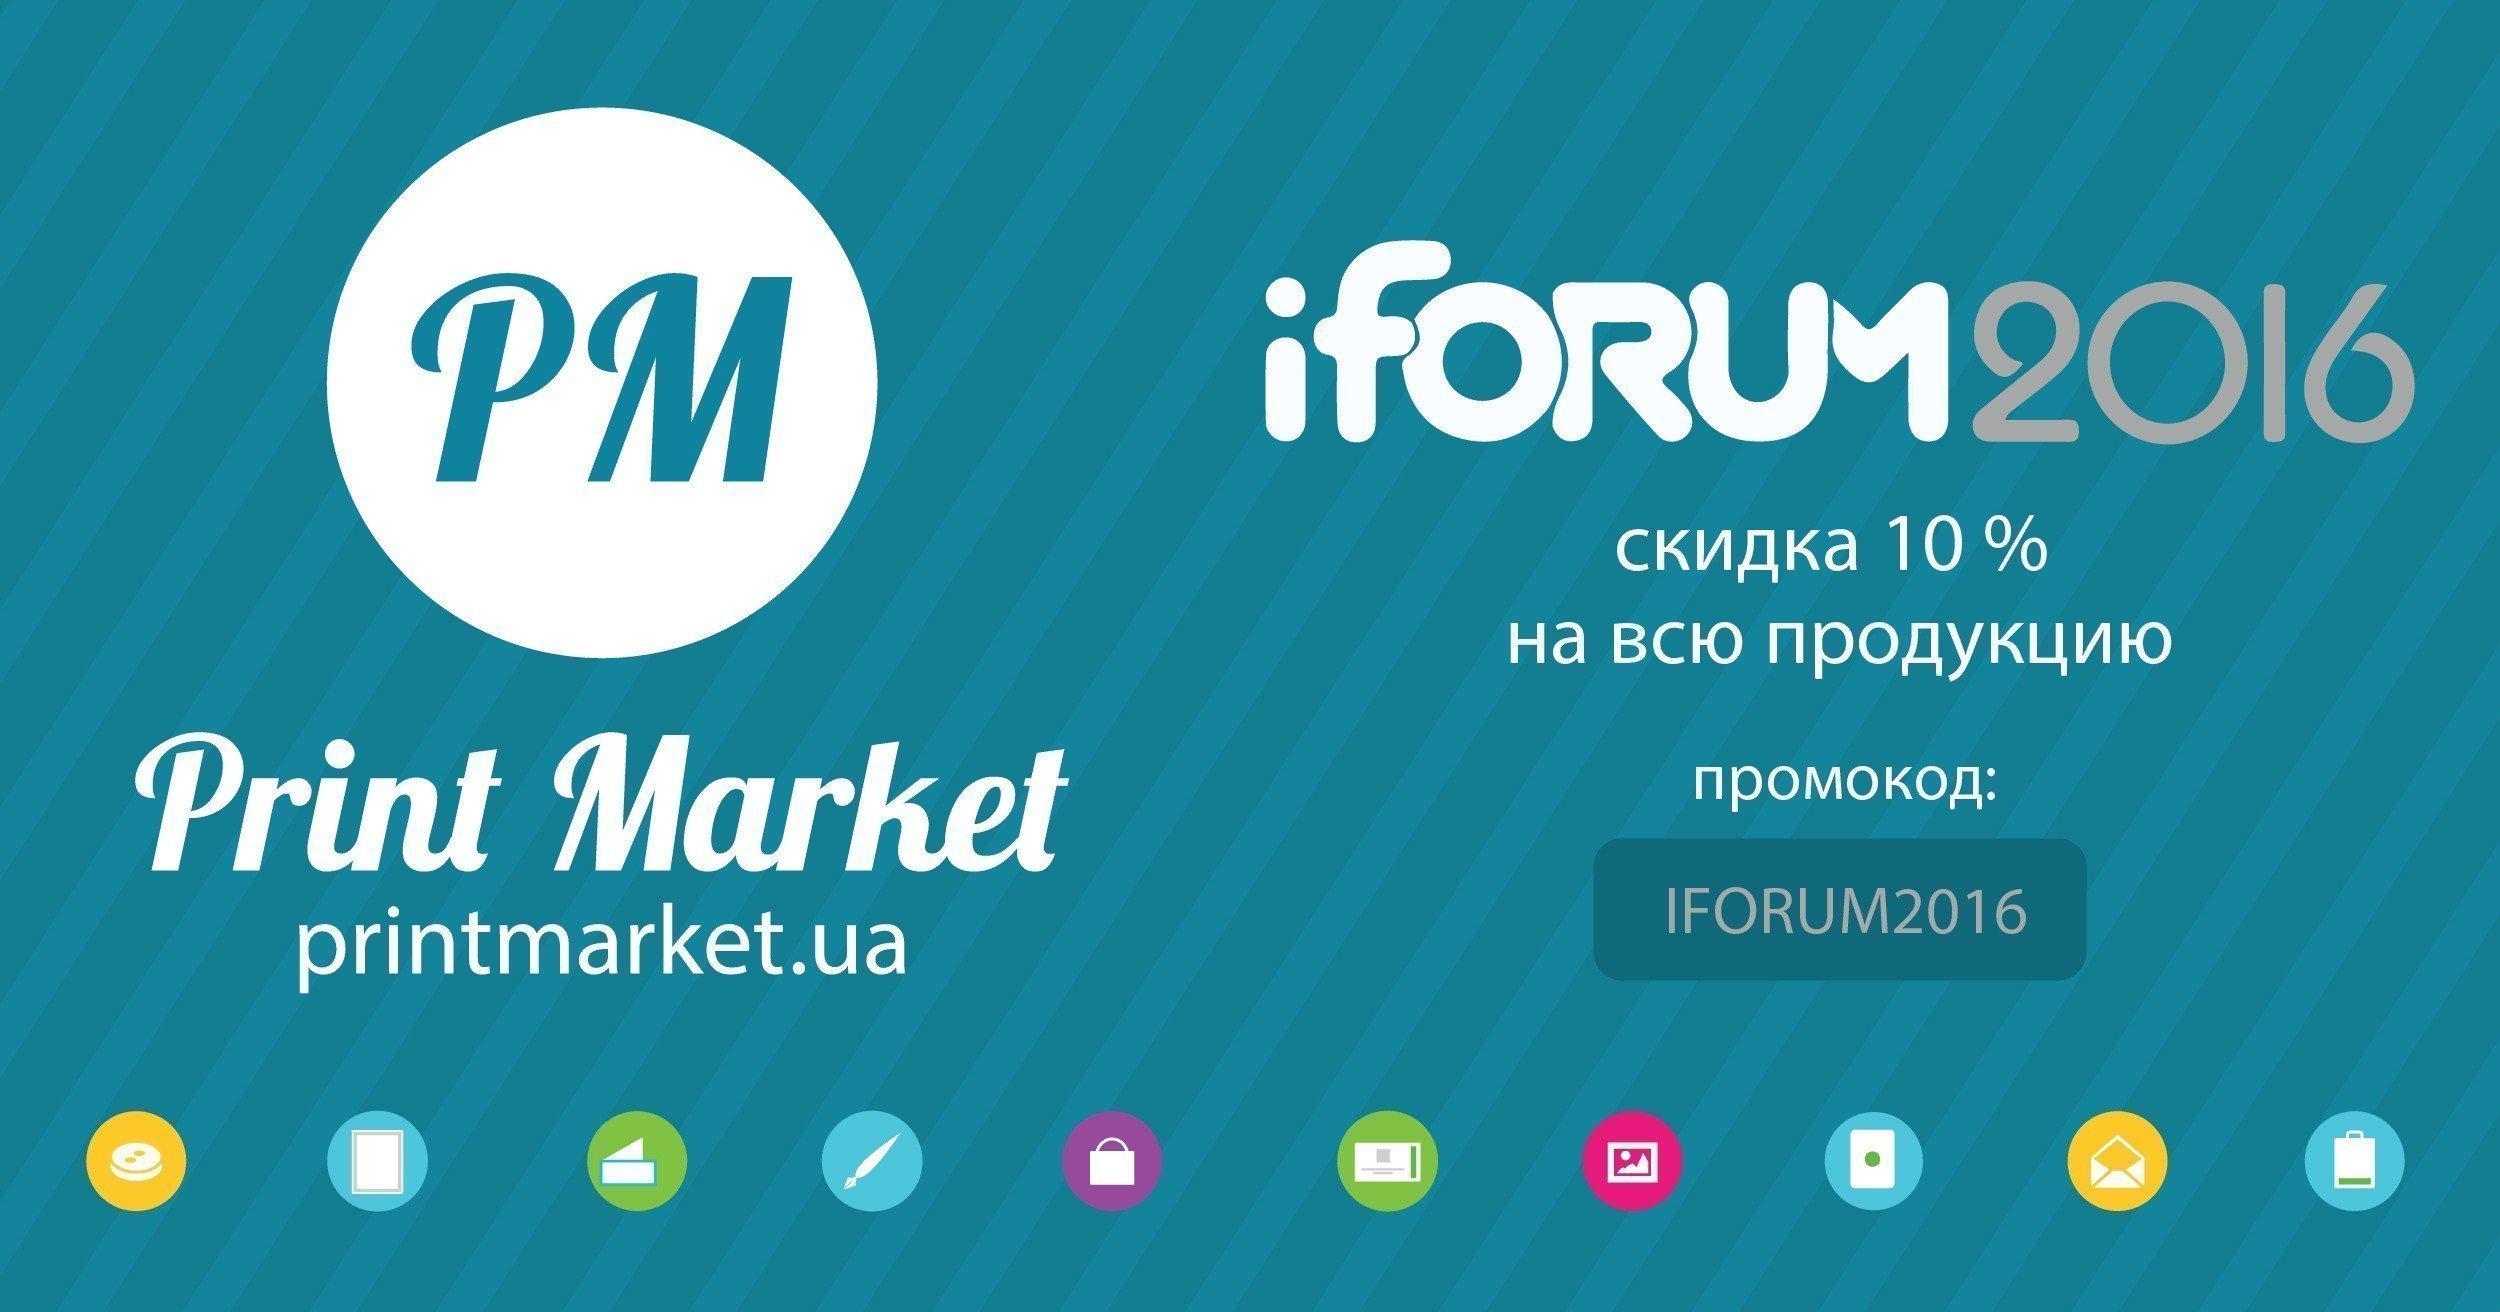 Принт Маркет & IForum2016 1